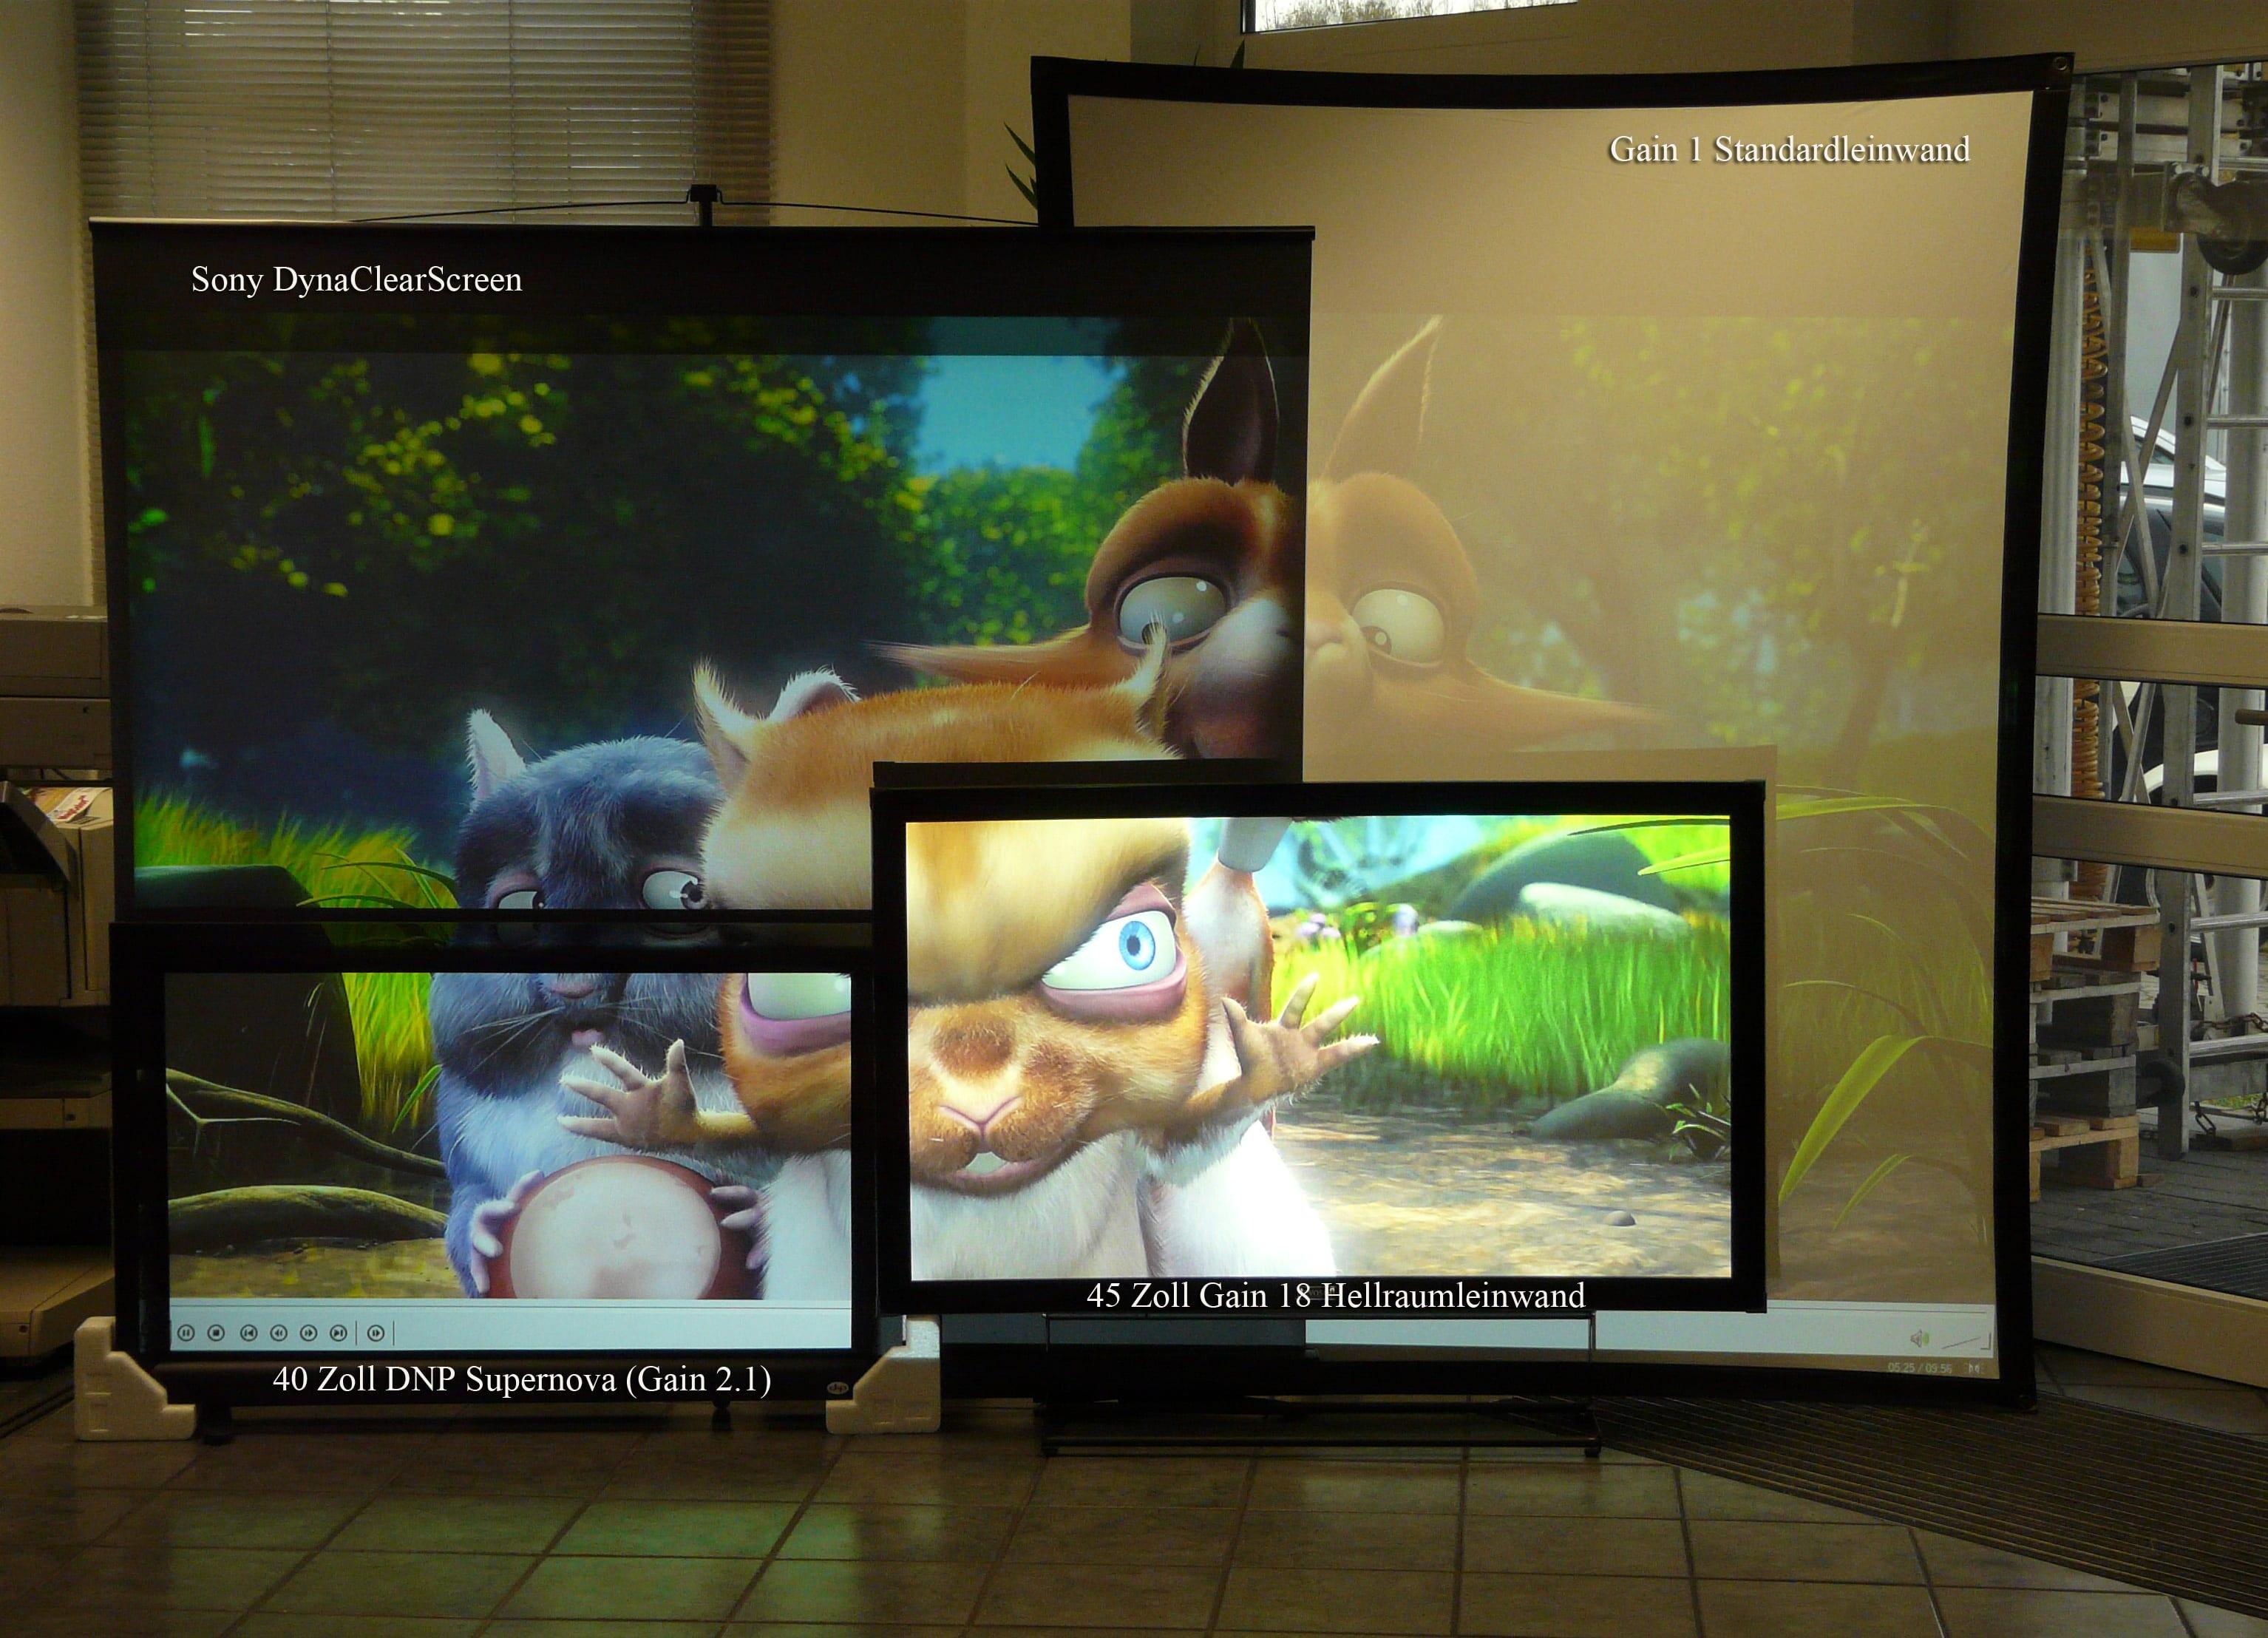 Revosoft Gain18 Hellraumleinwand Vergleich mit 5000 ANSI Lumen LCD Projektor mit Sony DynaClearScreen und DNP SuperNova - Tagungsraum